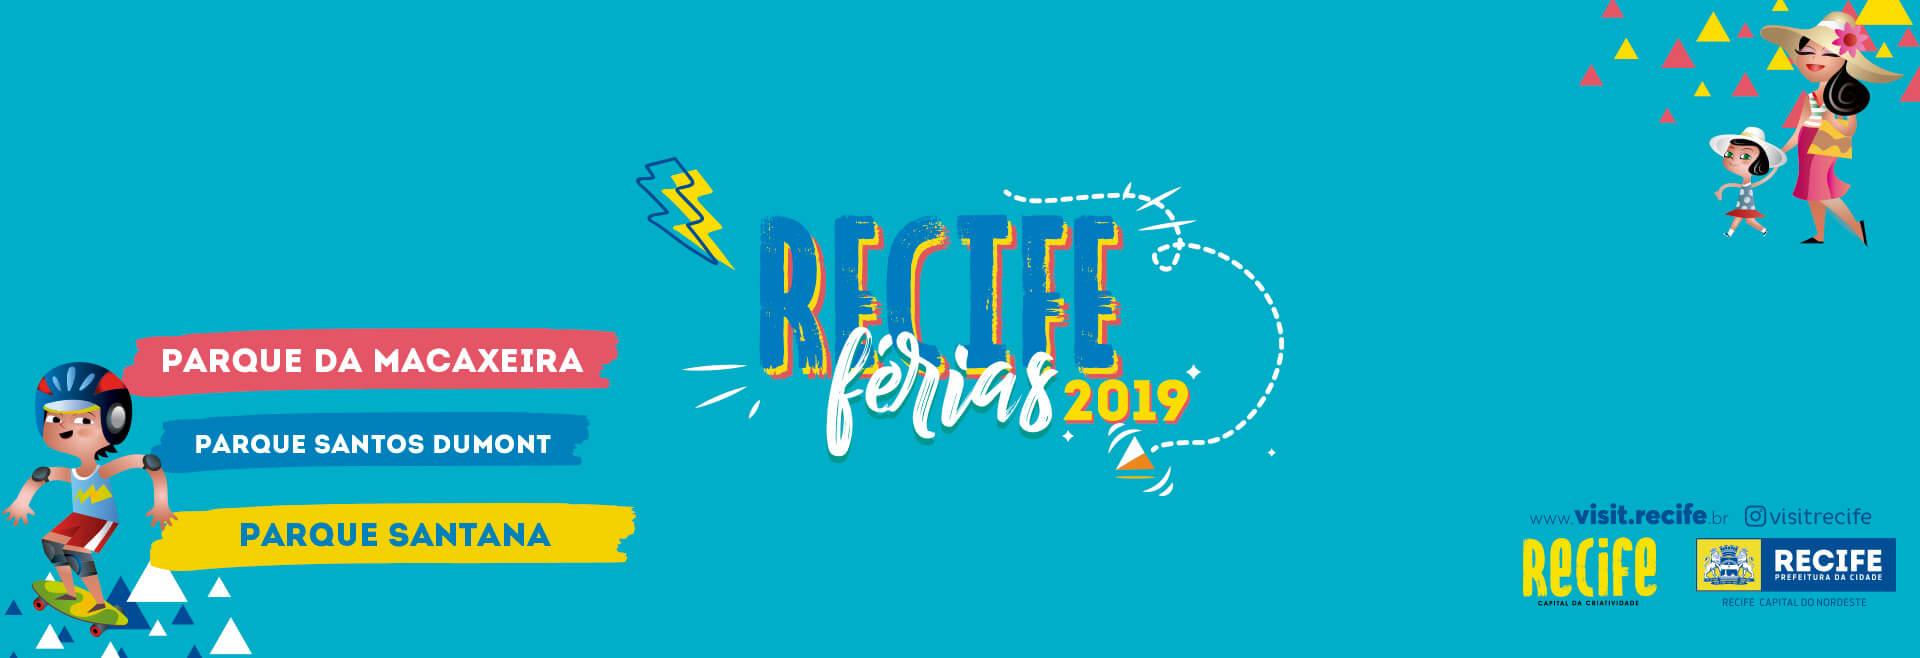 Recife Férias 2019